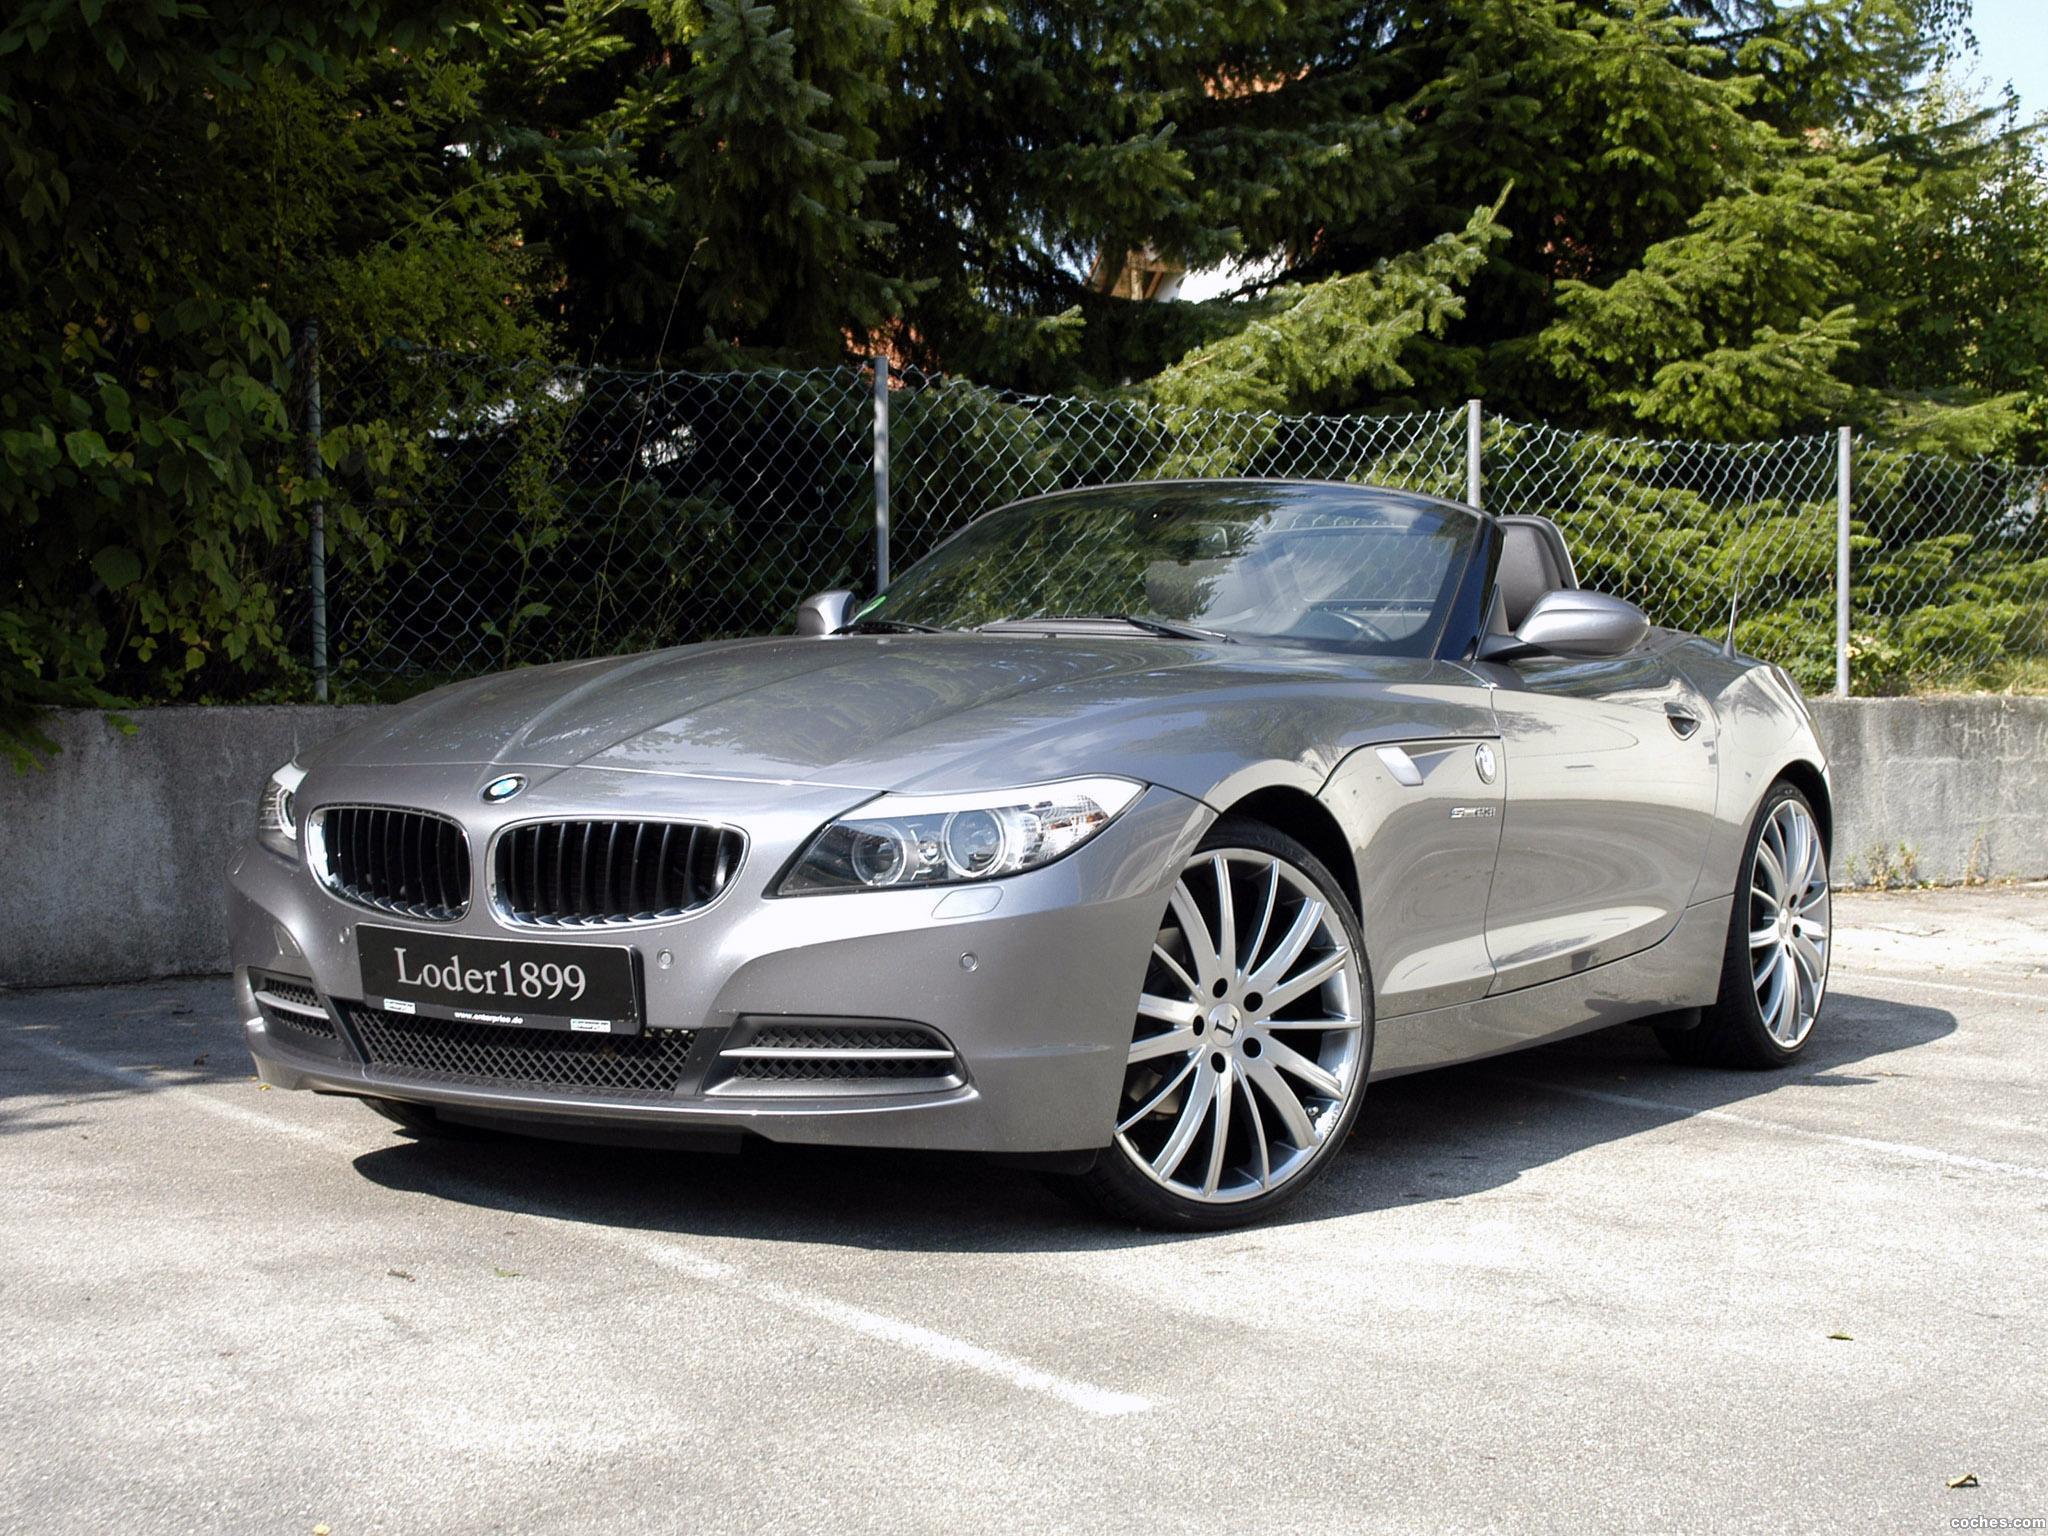 Foto 0 de Loder1899 BMW Z4 Roadster E89 2010